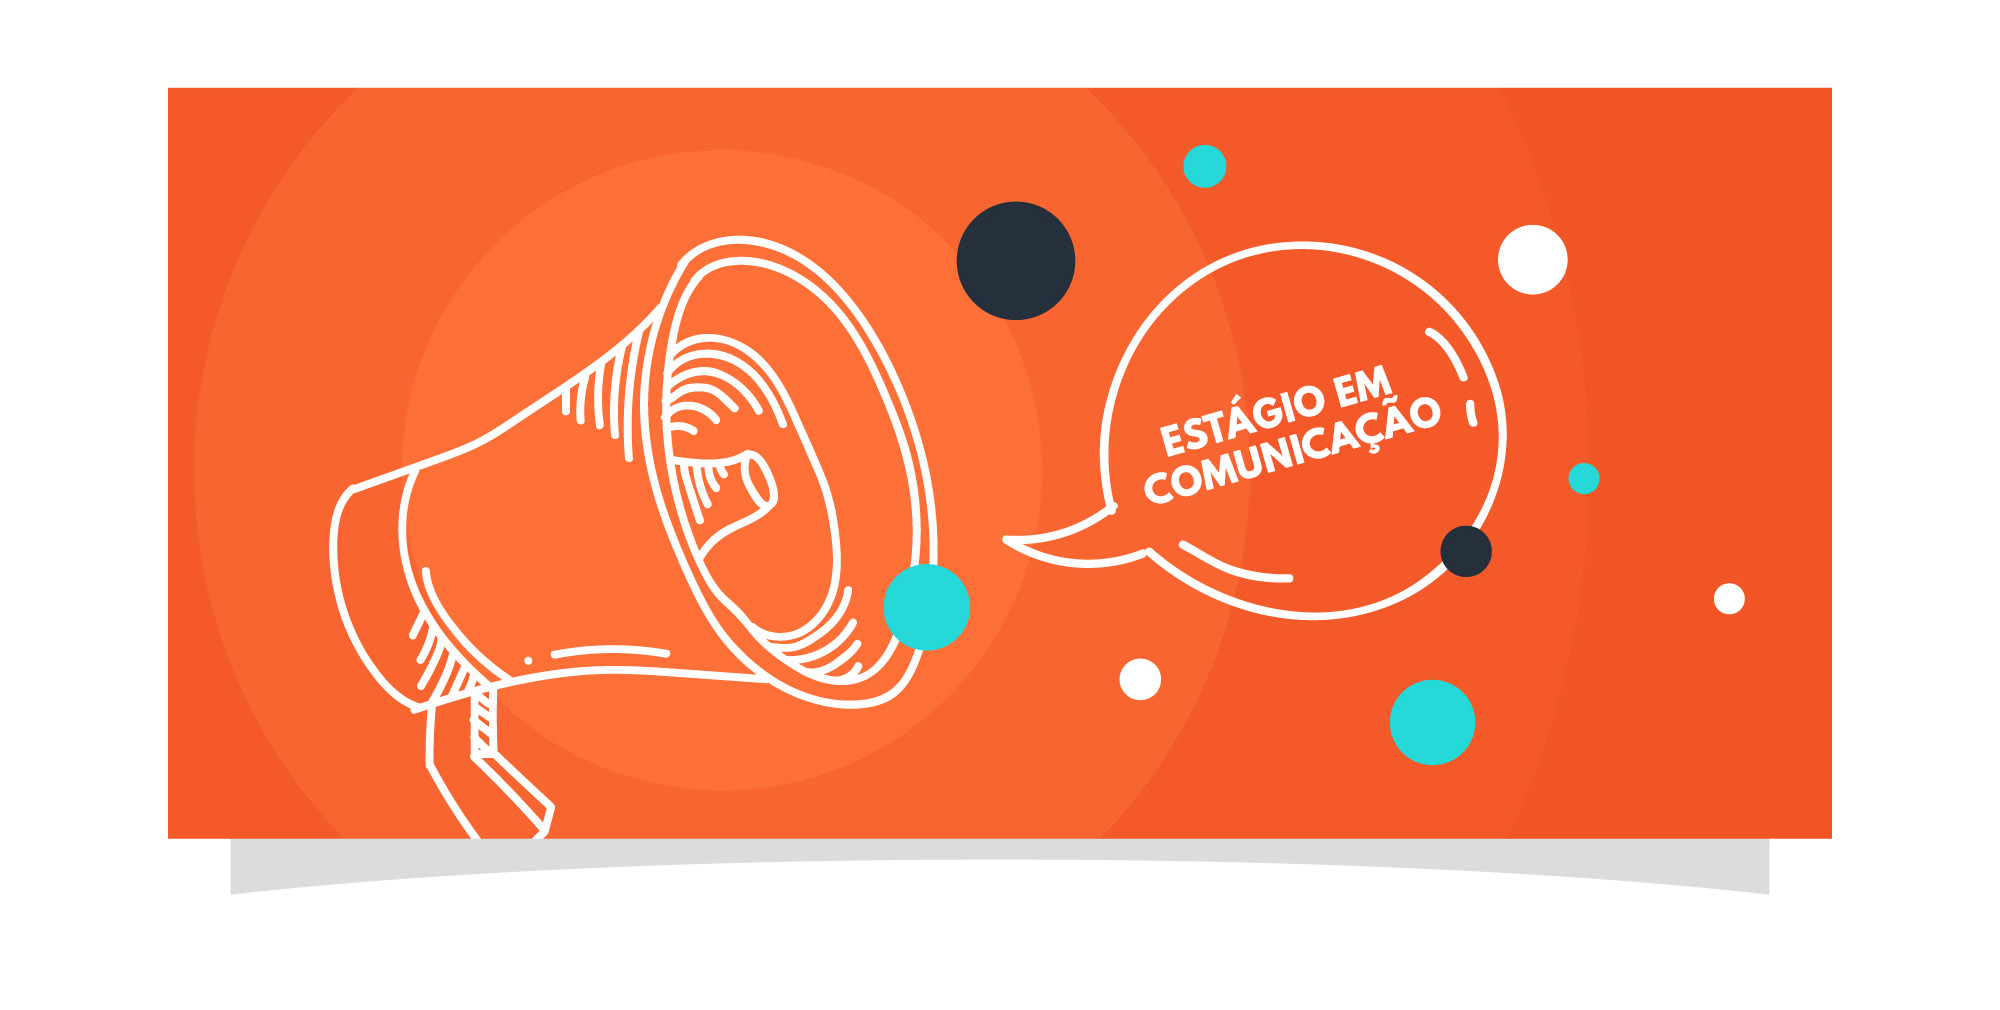 Undime abre processo seletivo para vaga de estágio em Comunicação Social